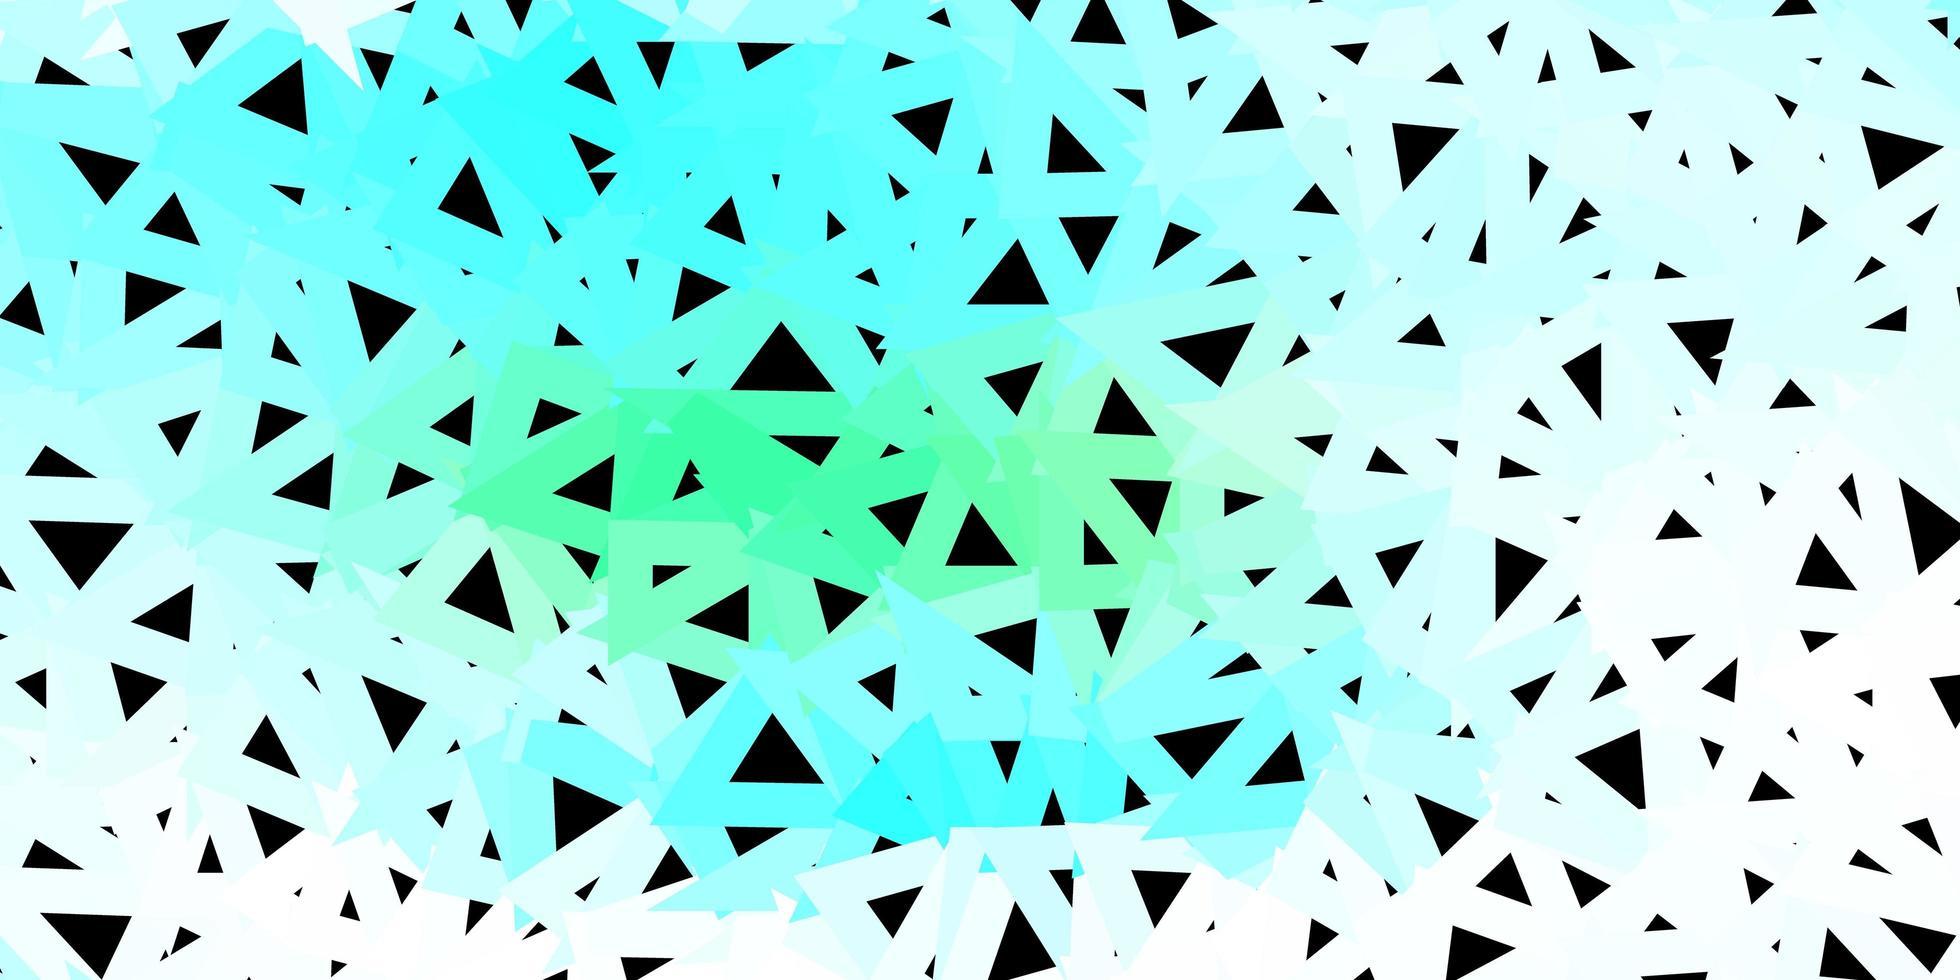 ljusblå och grön triangulär mosaikbakgrund. vektor